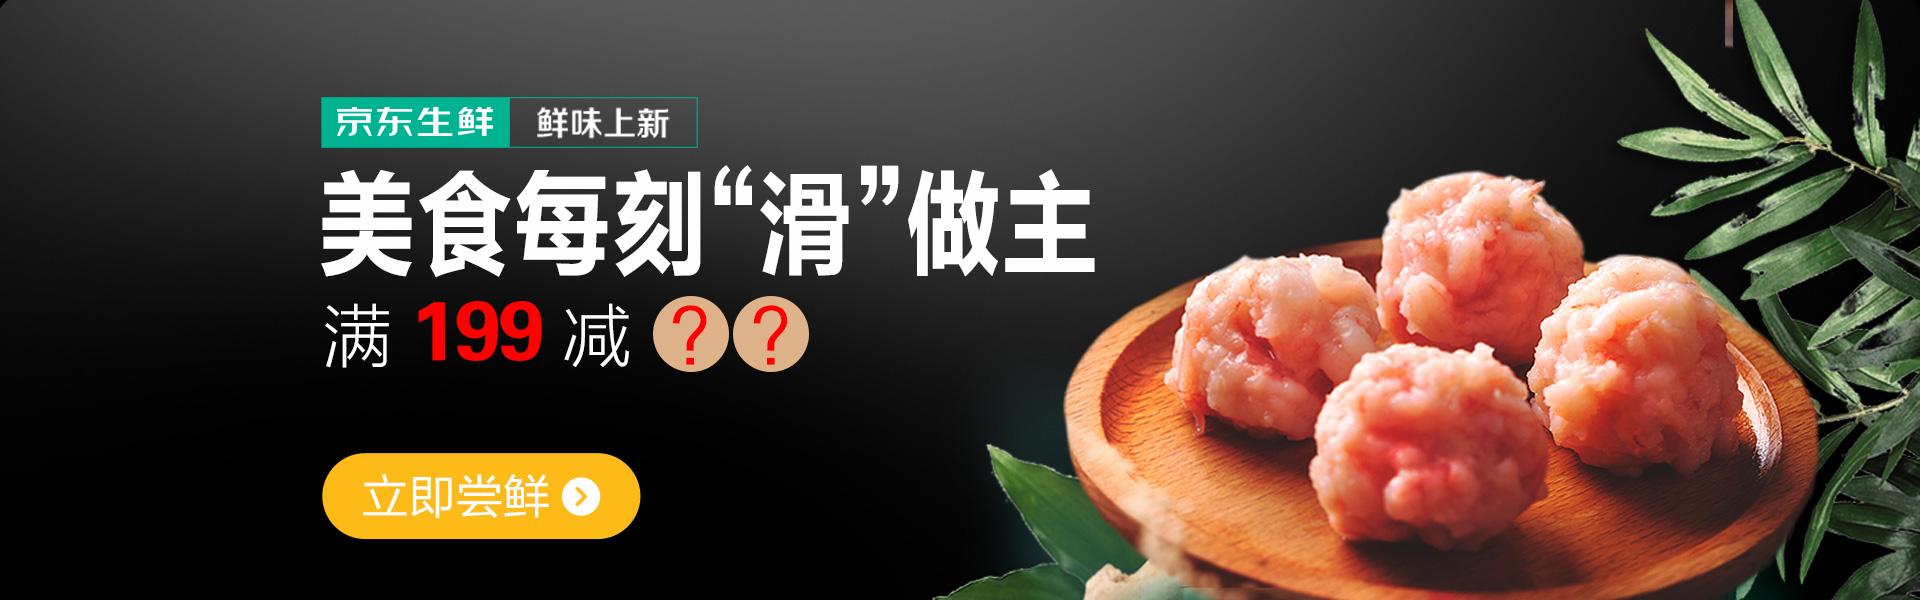 京东虾滑上新